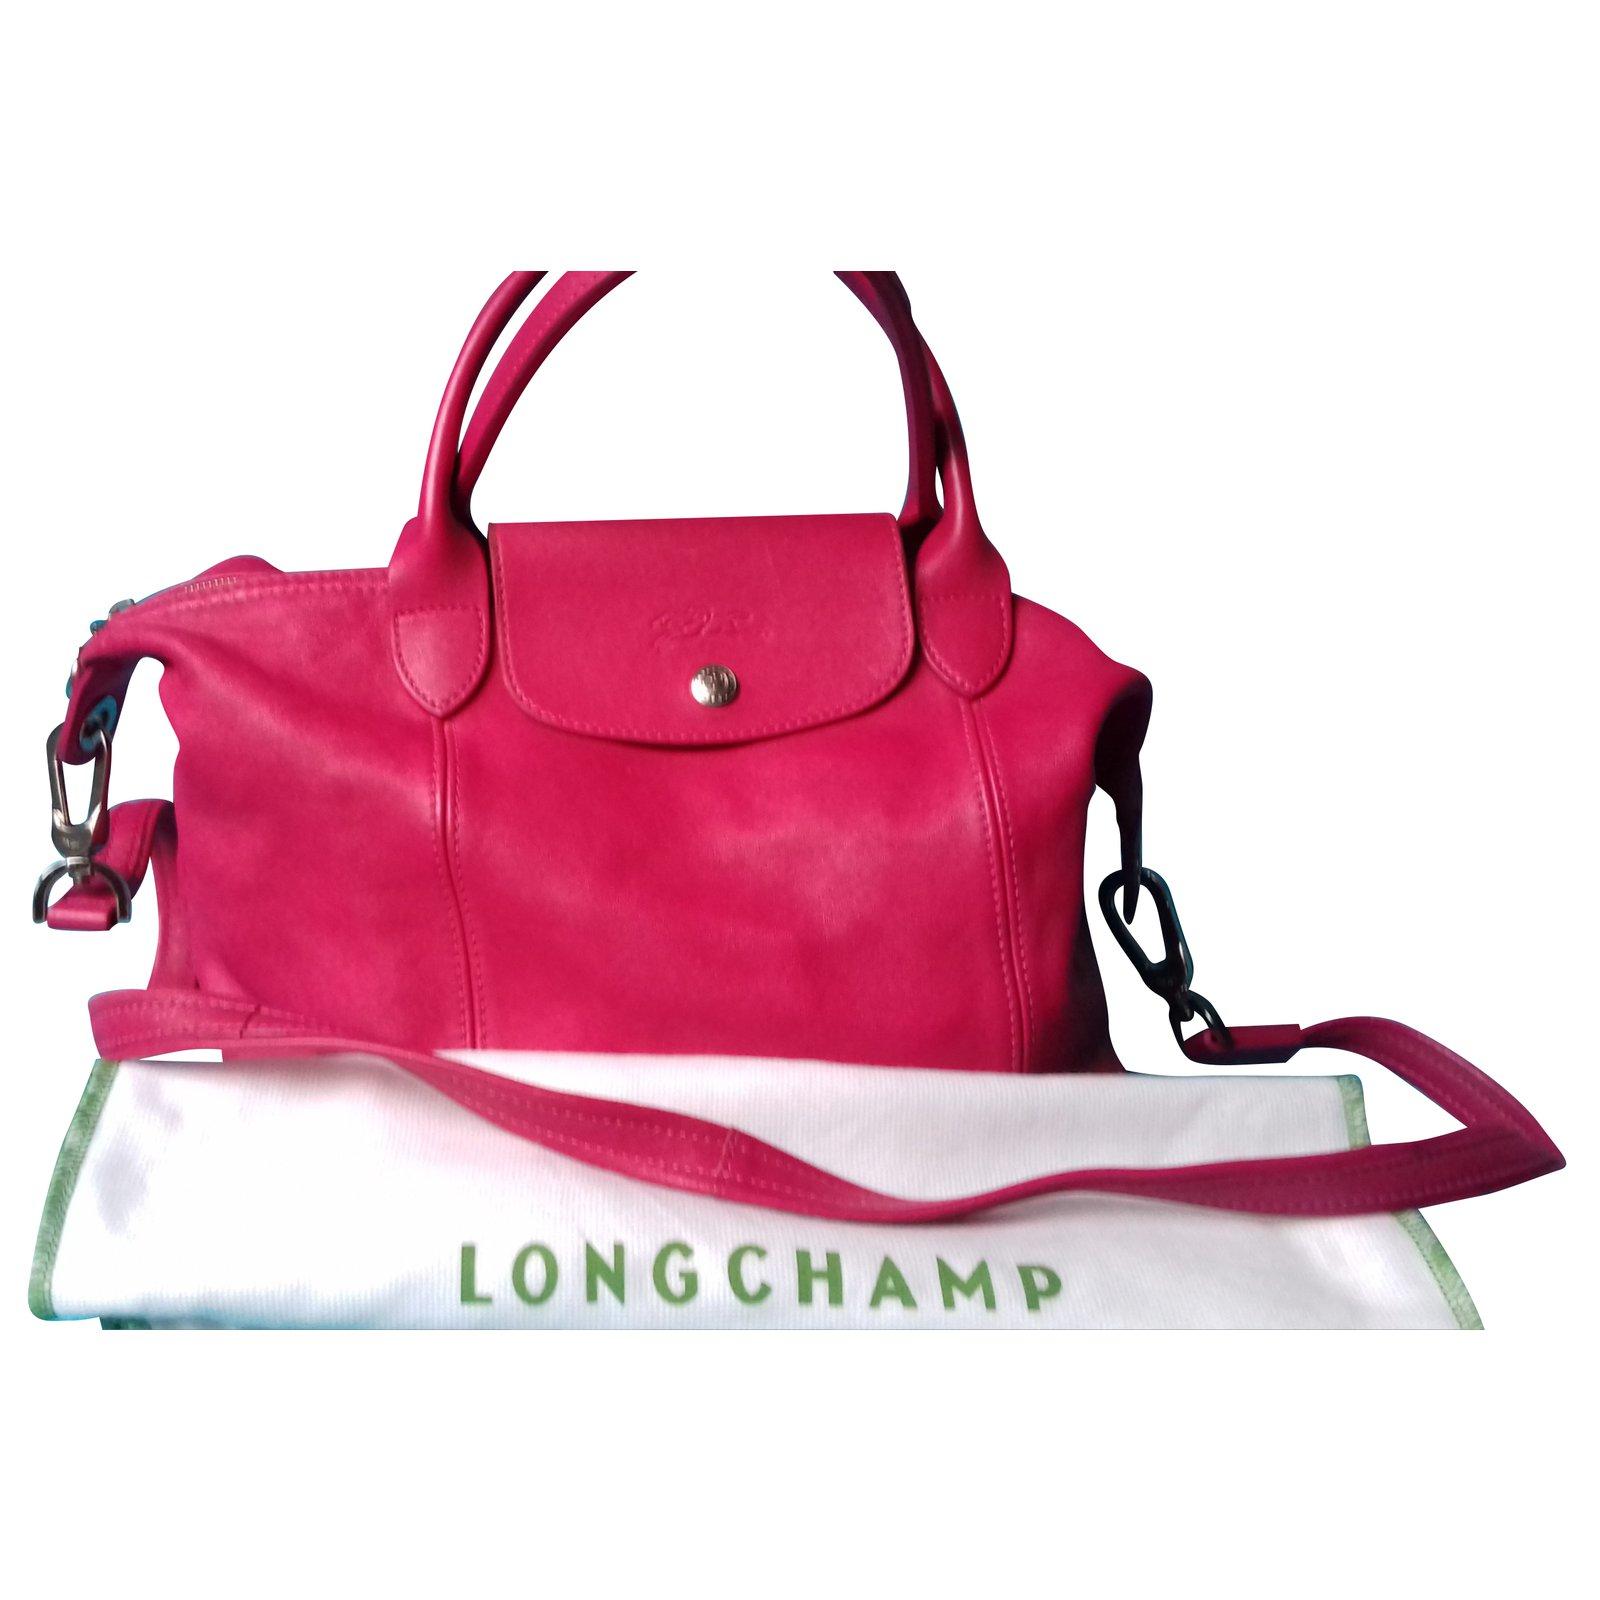 b4624e5e56 Sacs à main Longchamp Longchamp pliage CUIR fushia Cuir Rose ref.51583